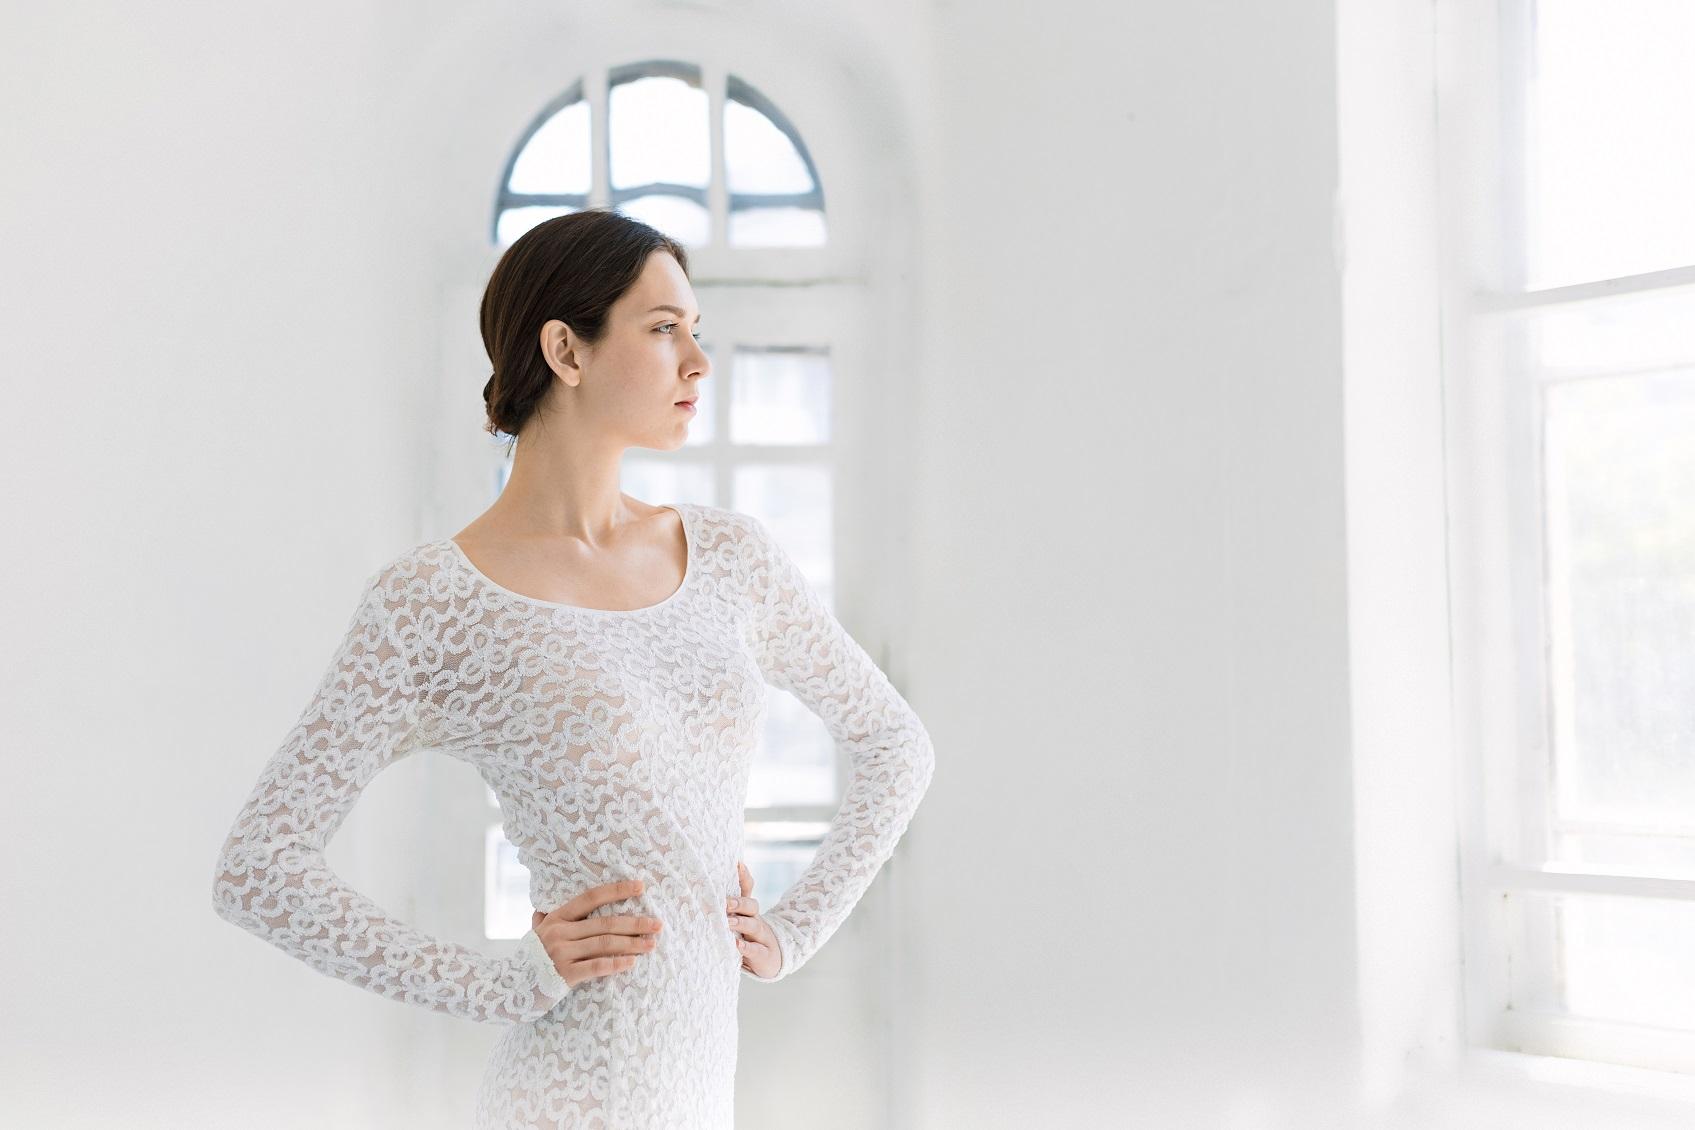 c7a5c333d6cb7 露出度の多いドレスは、若い年齢層でも好ましく思われないこともあるほど、結婚式では好ましくないと言われます。